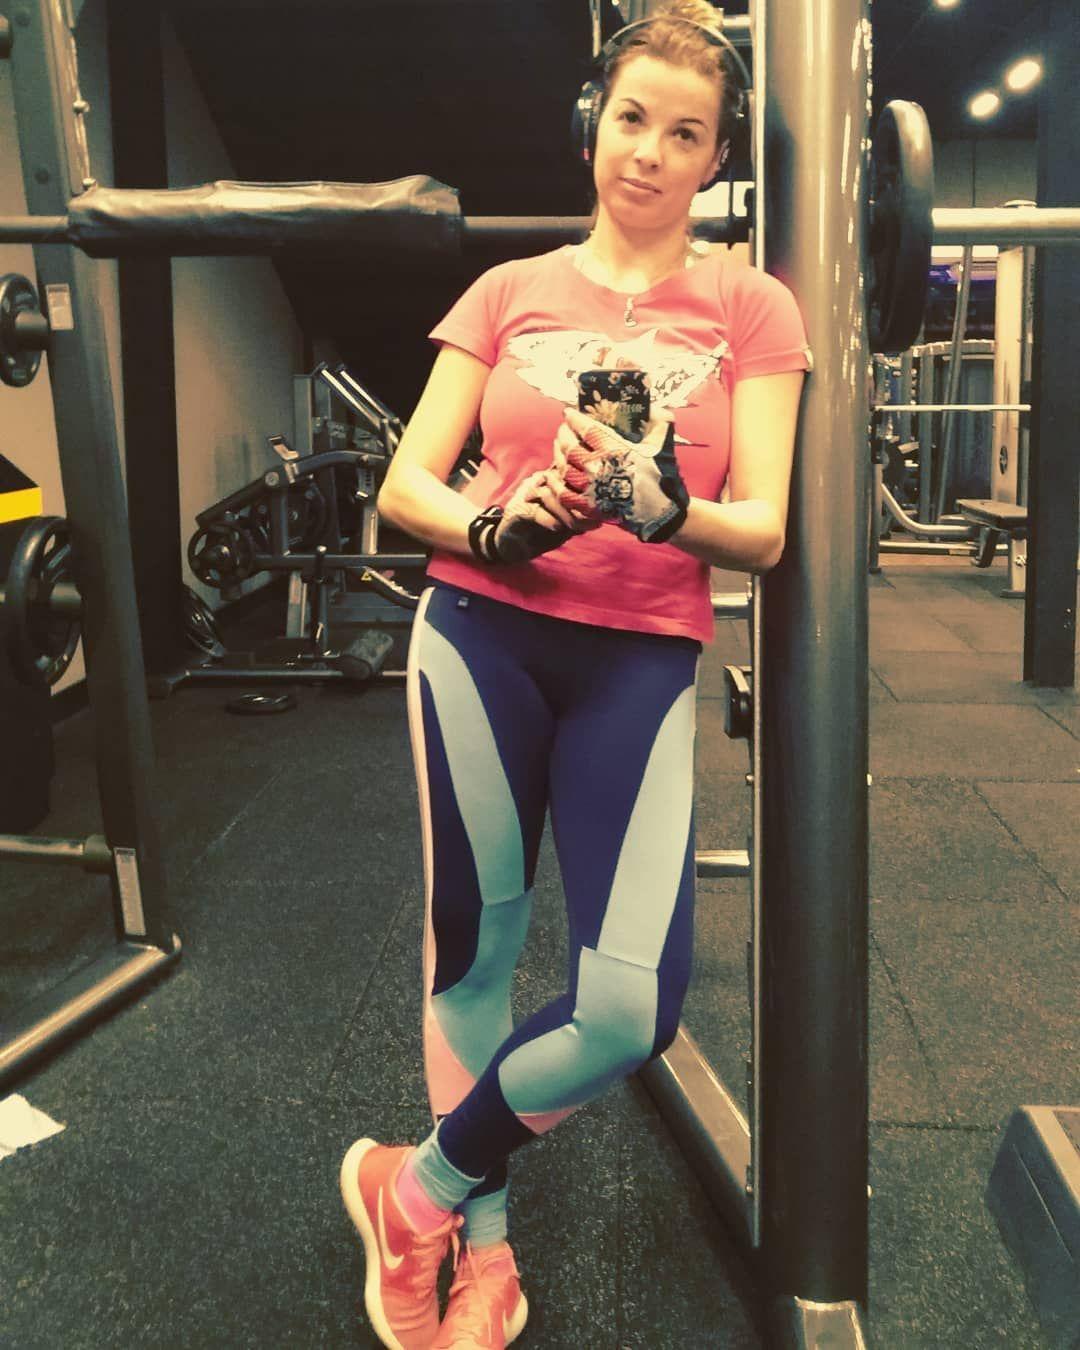 Seguindo sonhando com uma barriga chapada 😈 #fitness #funny #vibepositiva #livinglife #selfie #prett...